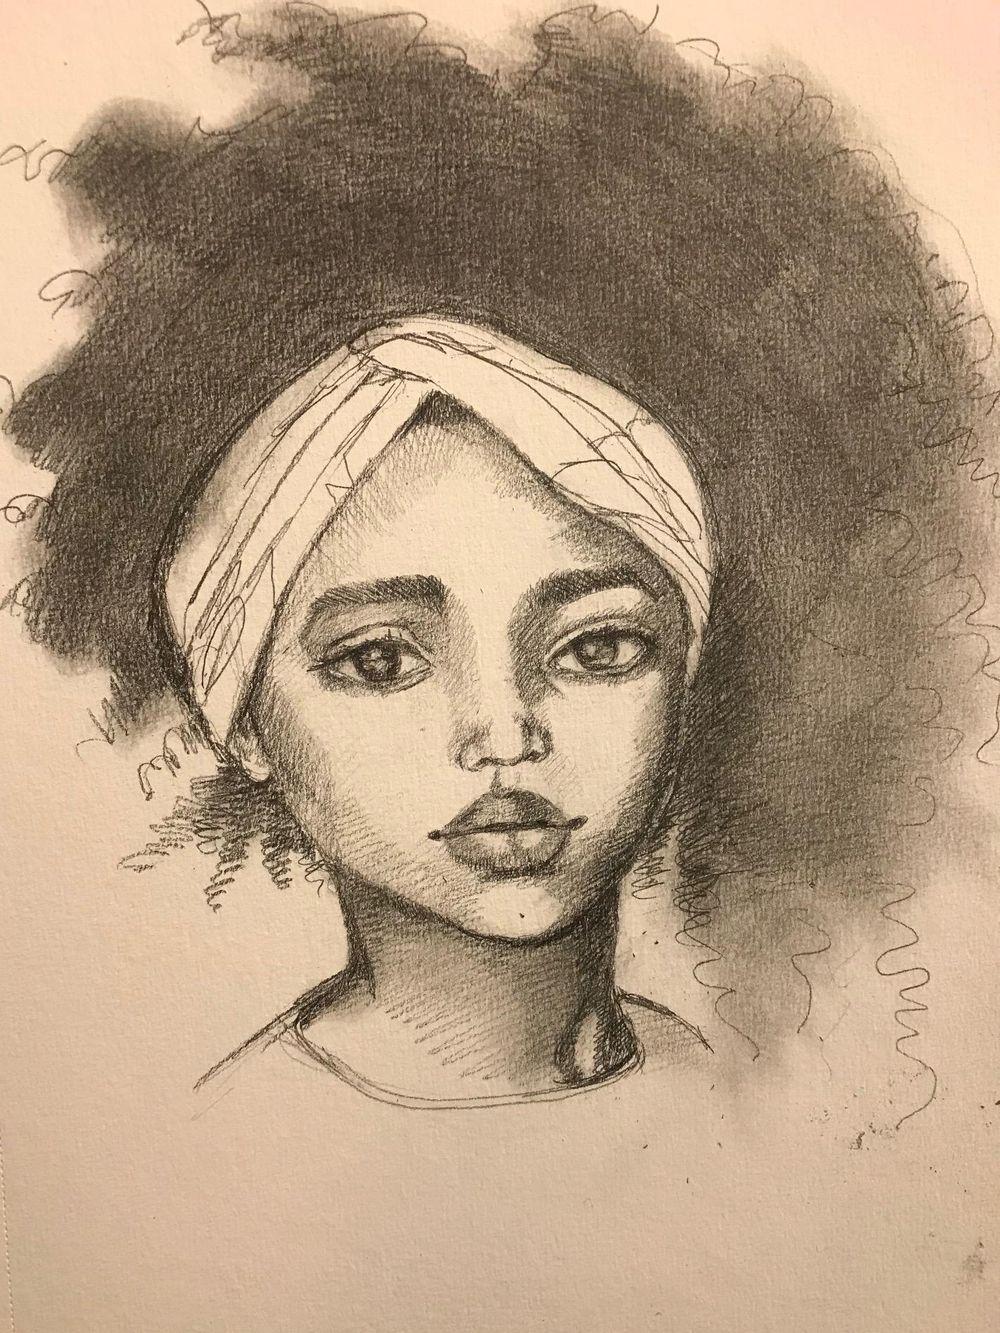 Portrait Practice - image 3 - student project